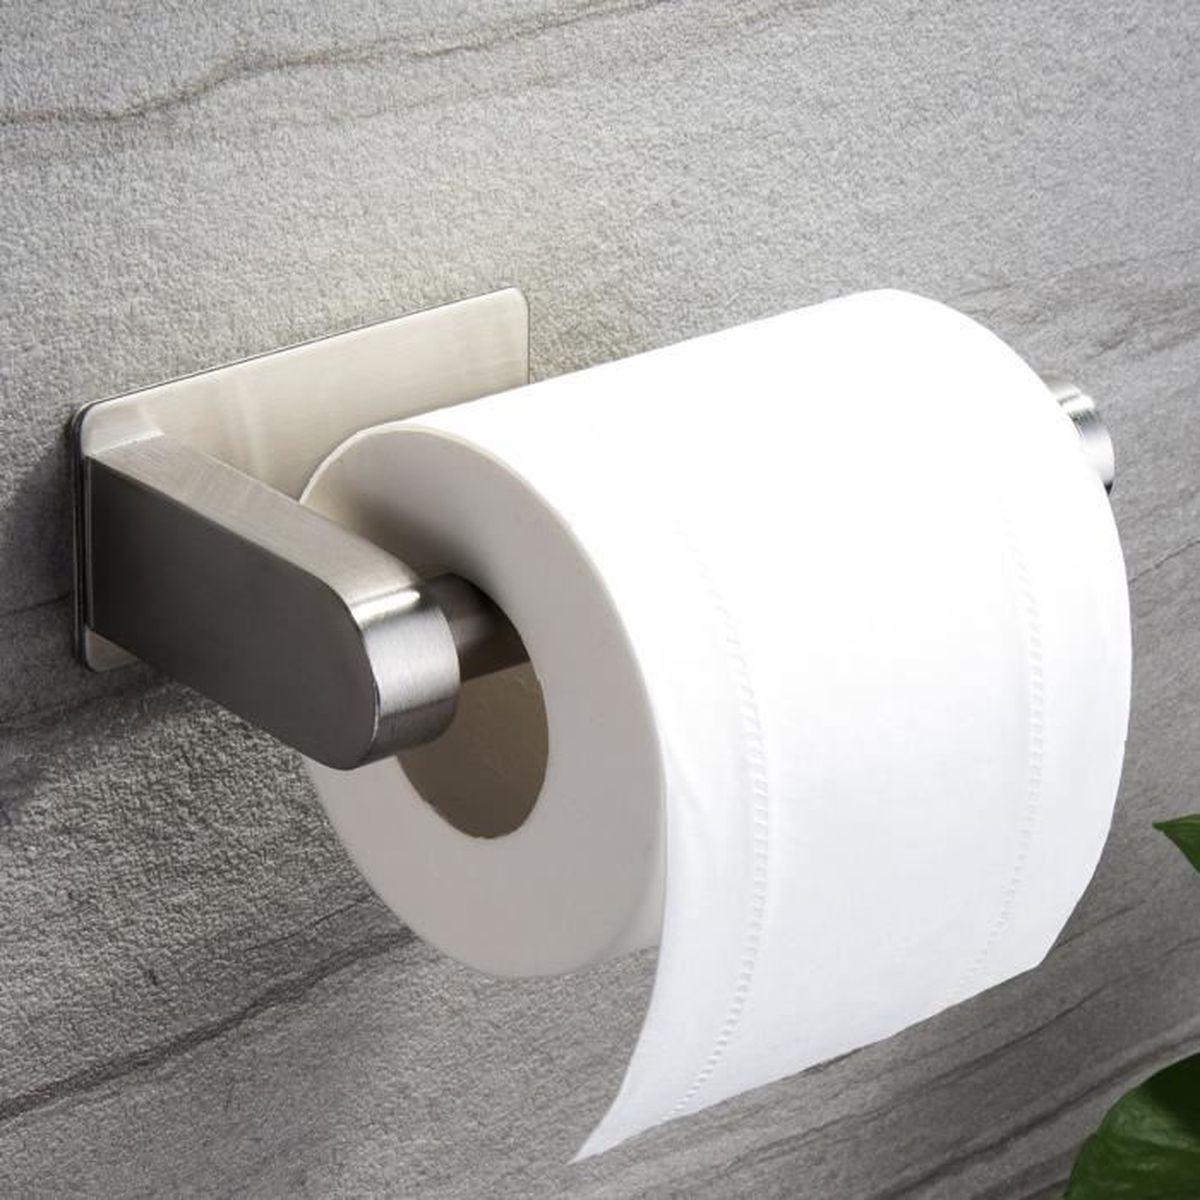 Boite Rangement Papier Wc zunto porte papier toilette auto-adhésif de sans forage